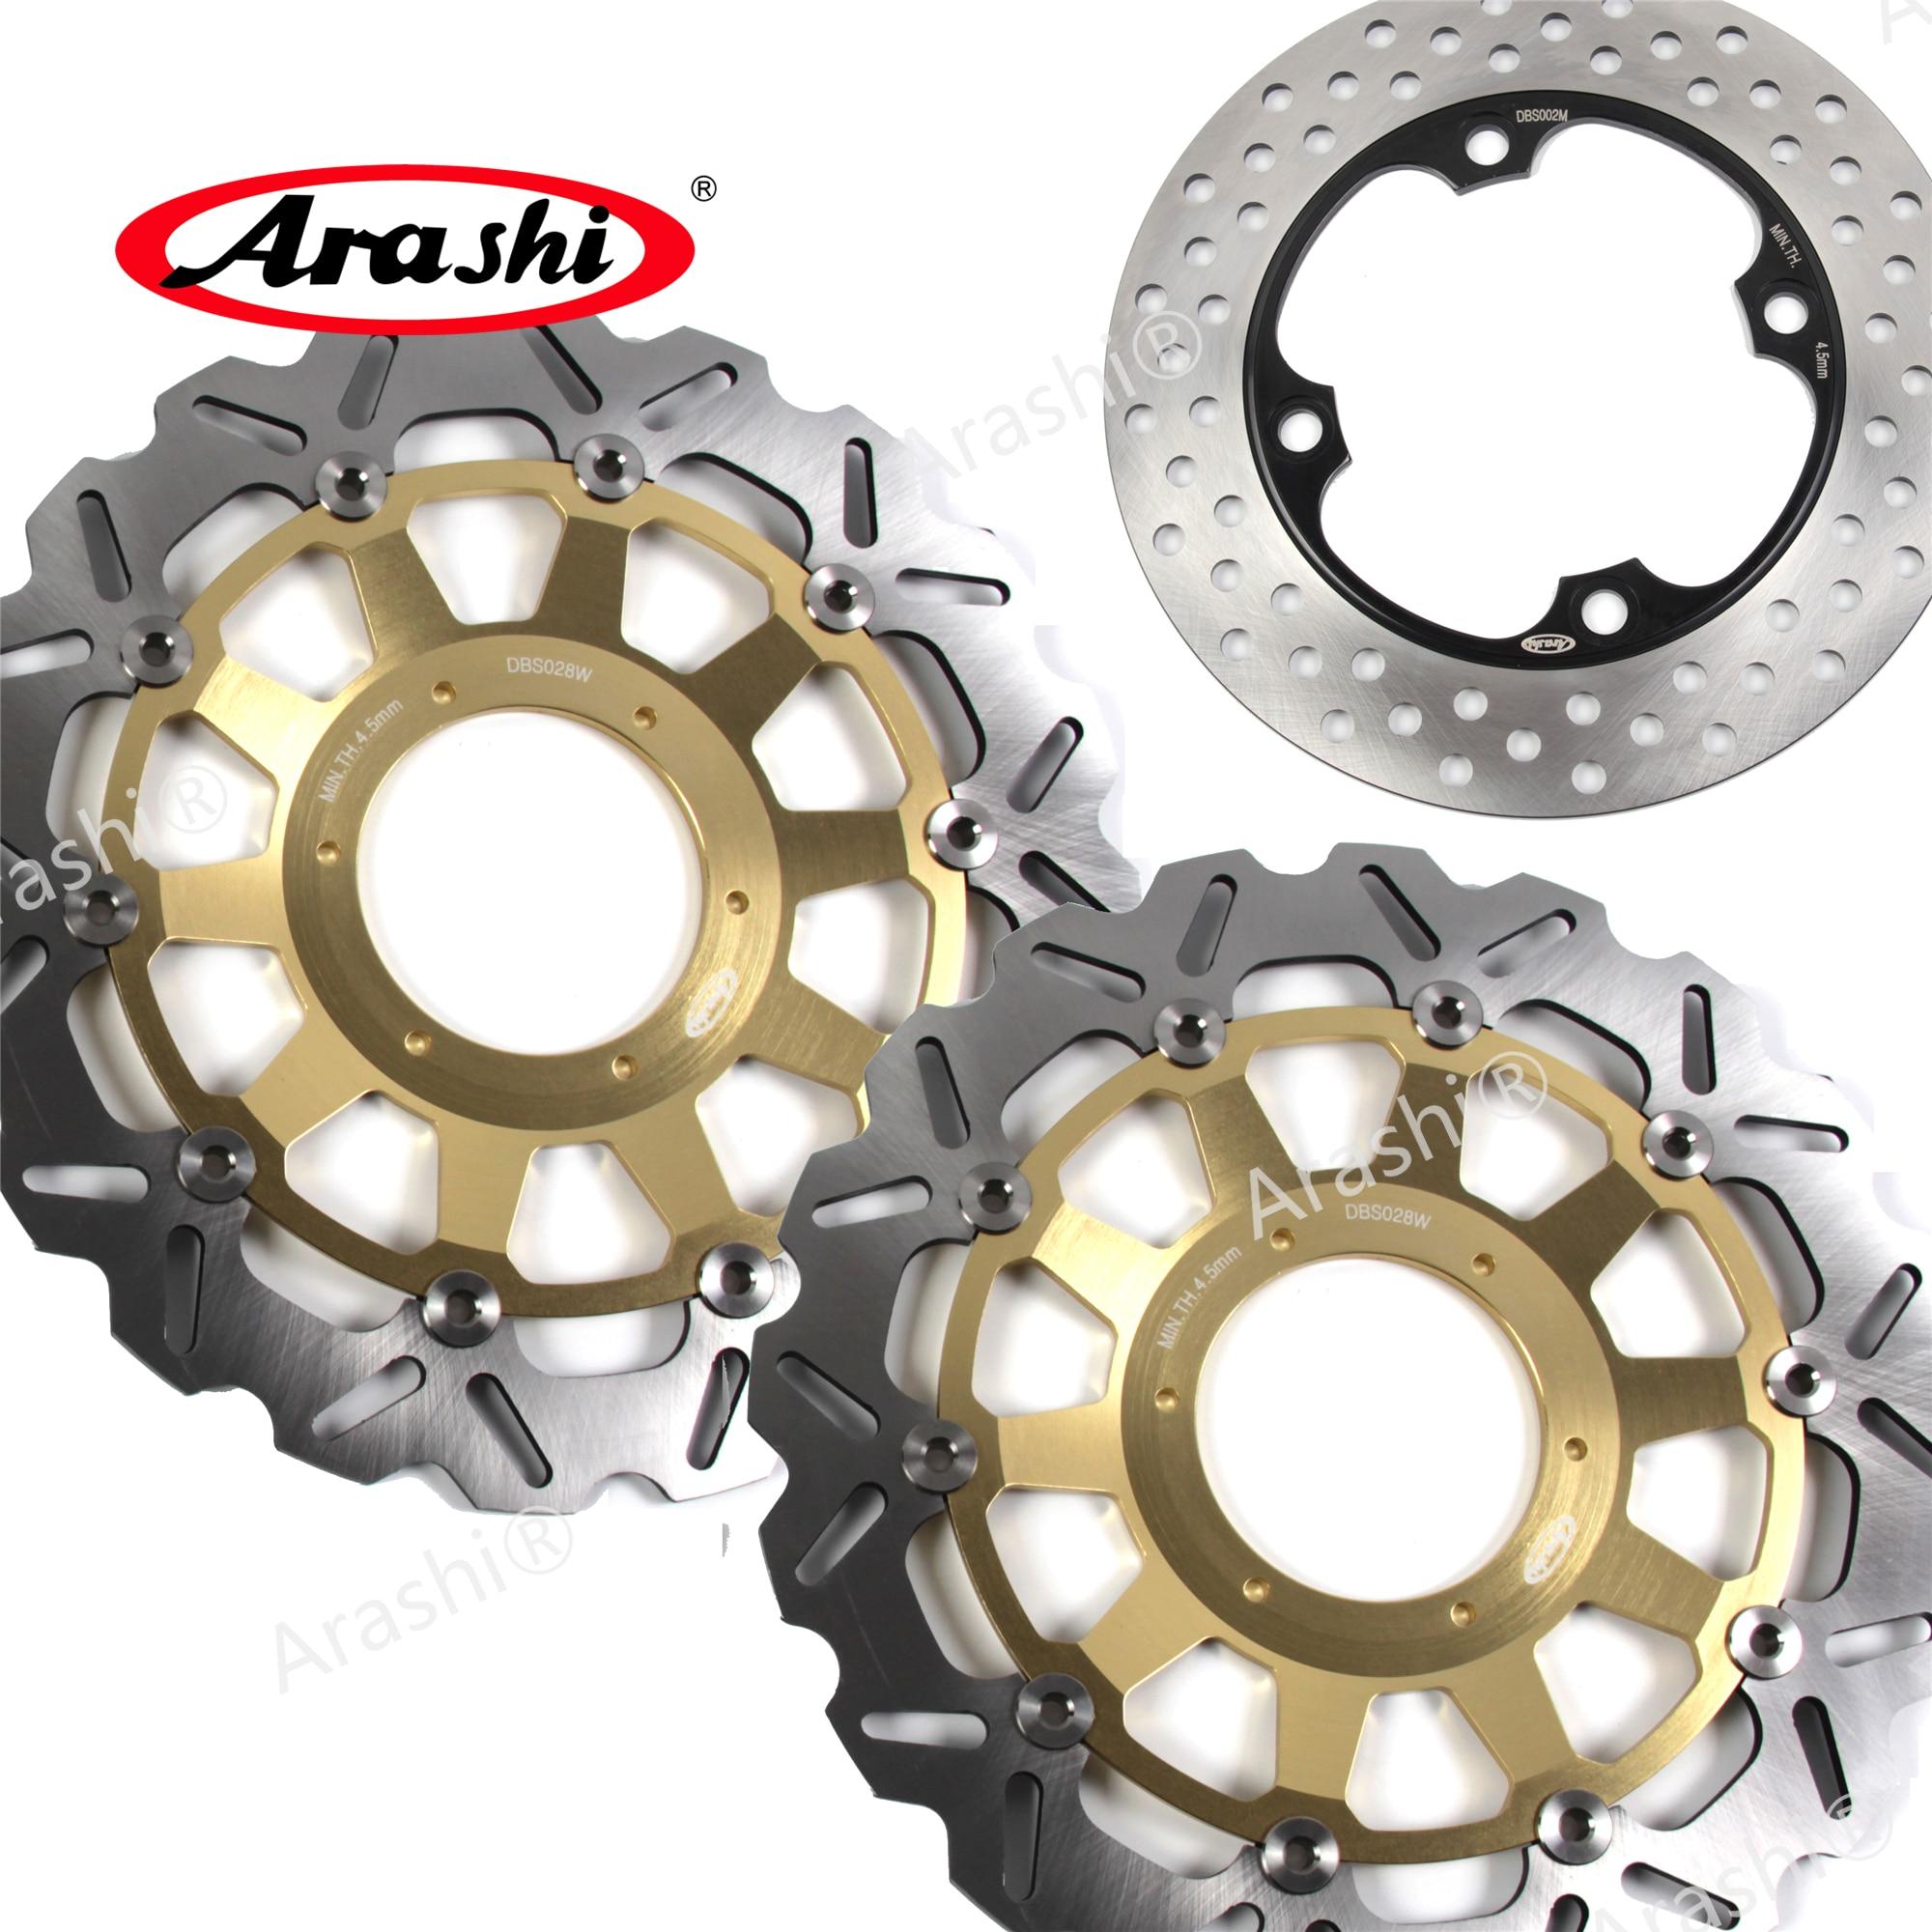 ARASHI CBR954 тормозной диск для HONDA CBR954RR 2002 2003 CBR 954 RR Передние Задние тормозные роторы золотой черный